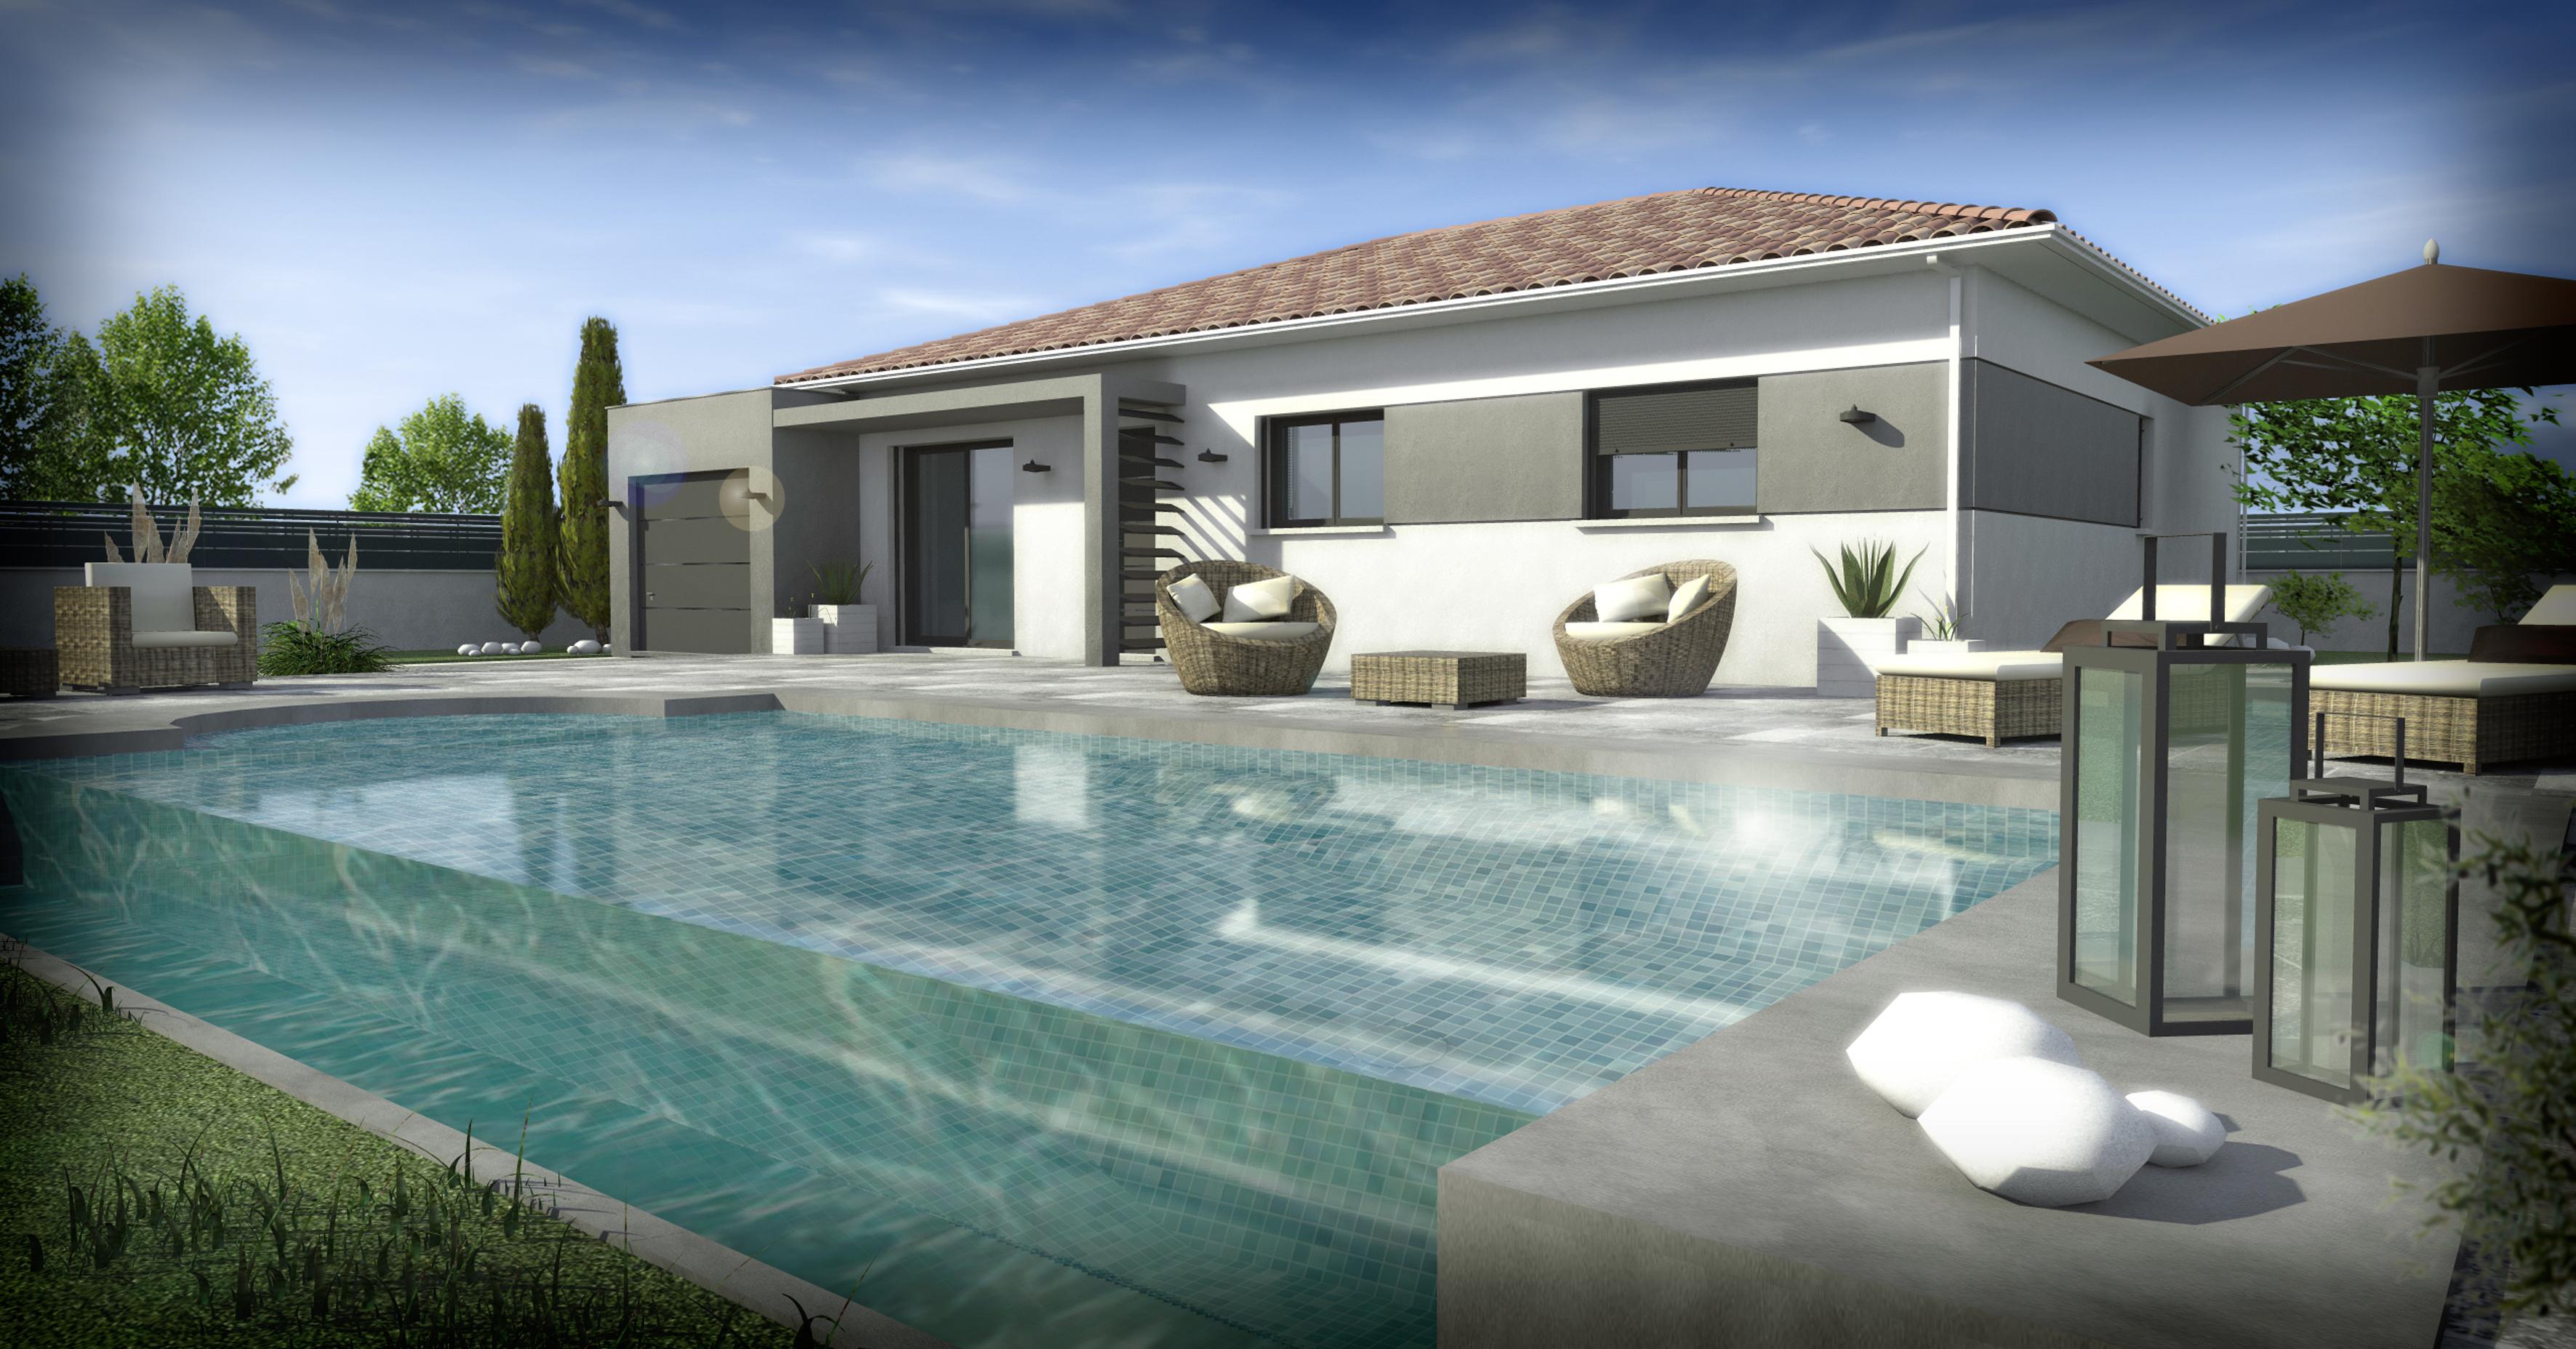 Maisons + Terrains du constructeur SM 11 • 80 m² • FERRALS LES CORBIERES